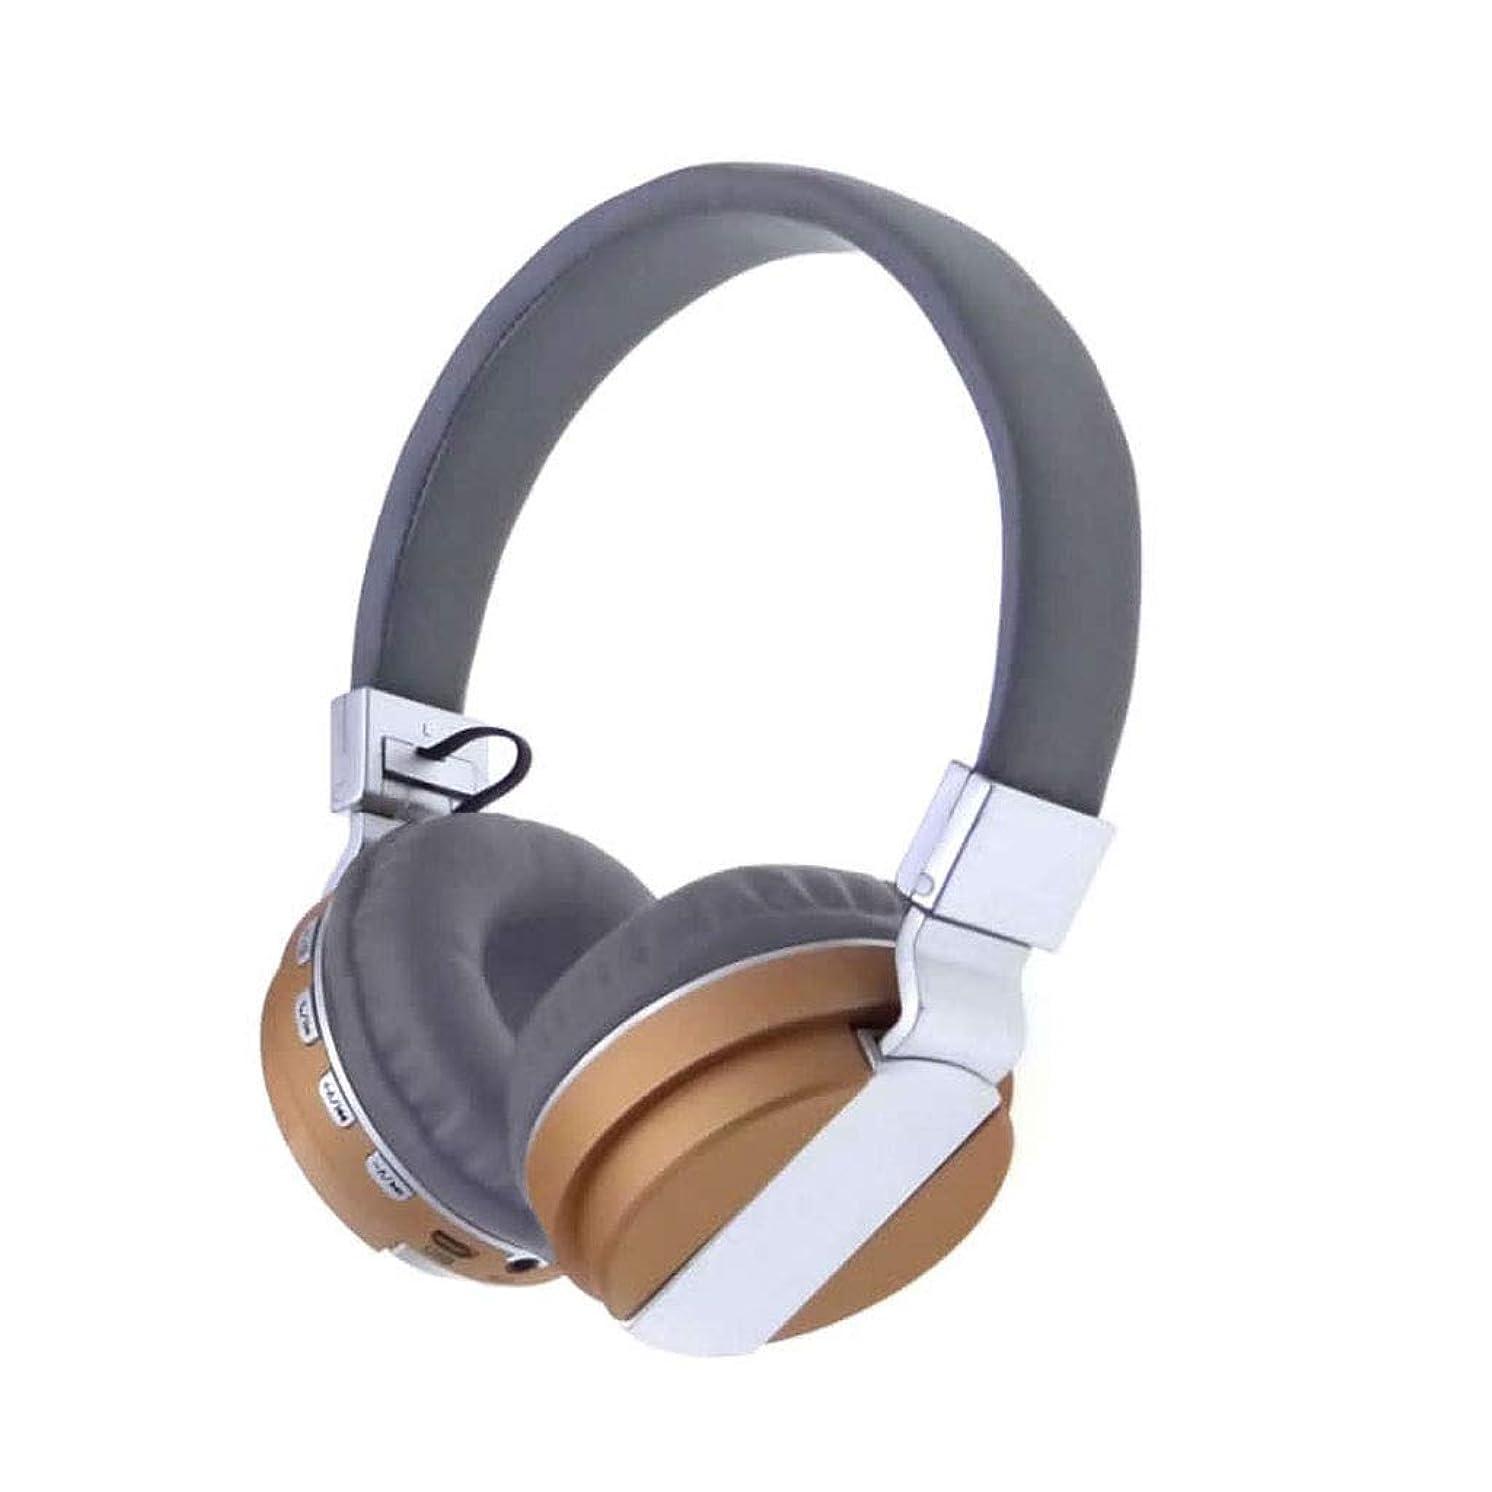 長老一般的な顕現Bluetoothヘッドセットノイズリダクション機能Bluetoothワイヤレス音楽食べるチキンヘッドフォン音楽ワイヤレスヘッドフォン (Color : Brown)